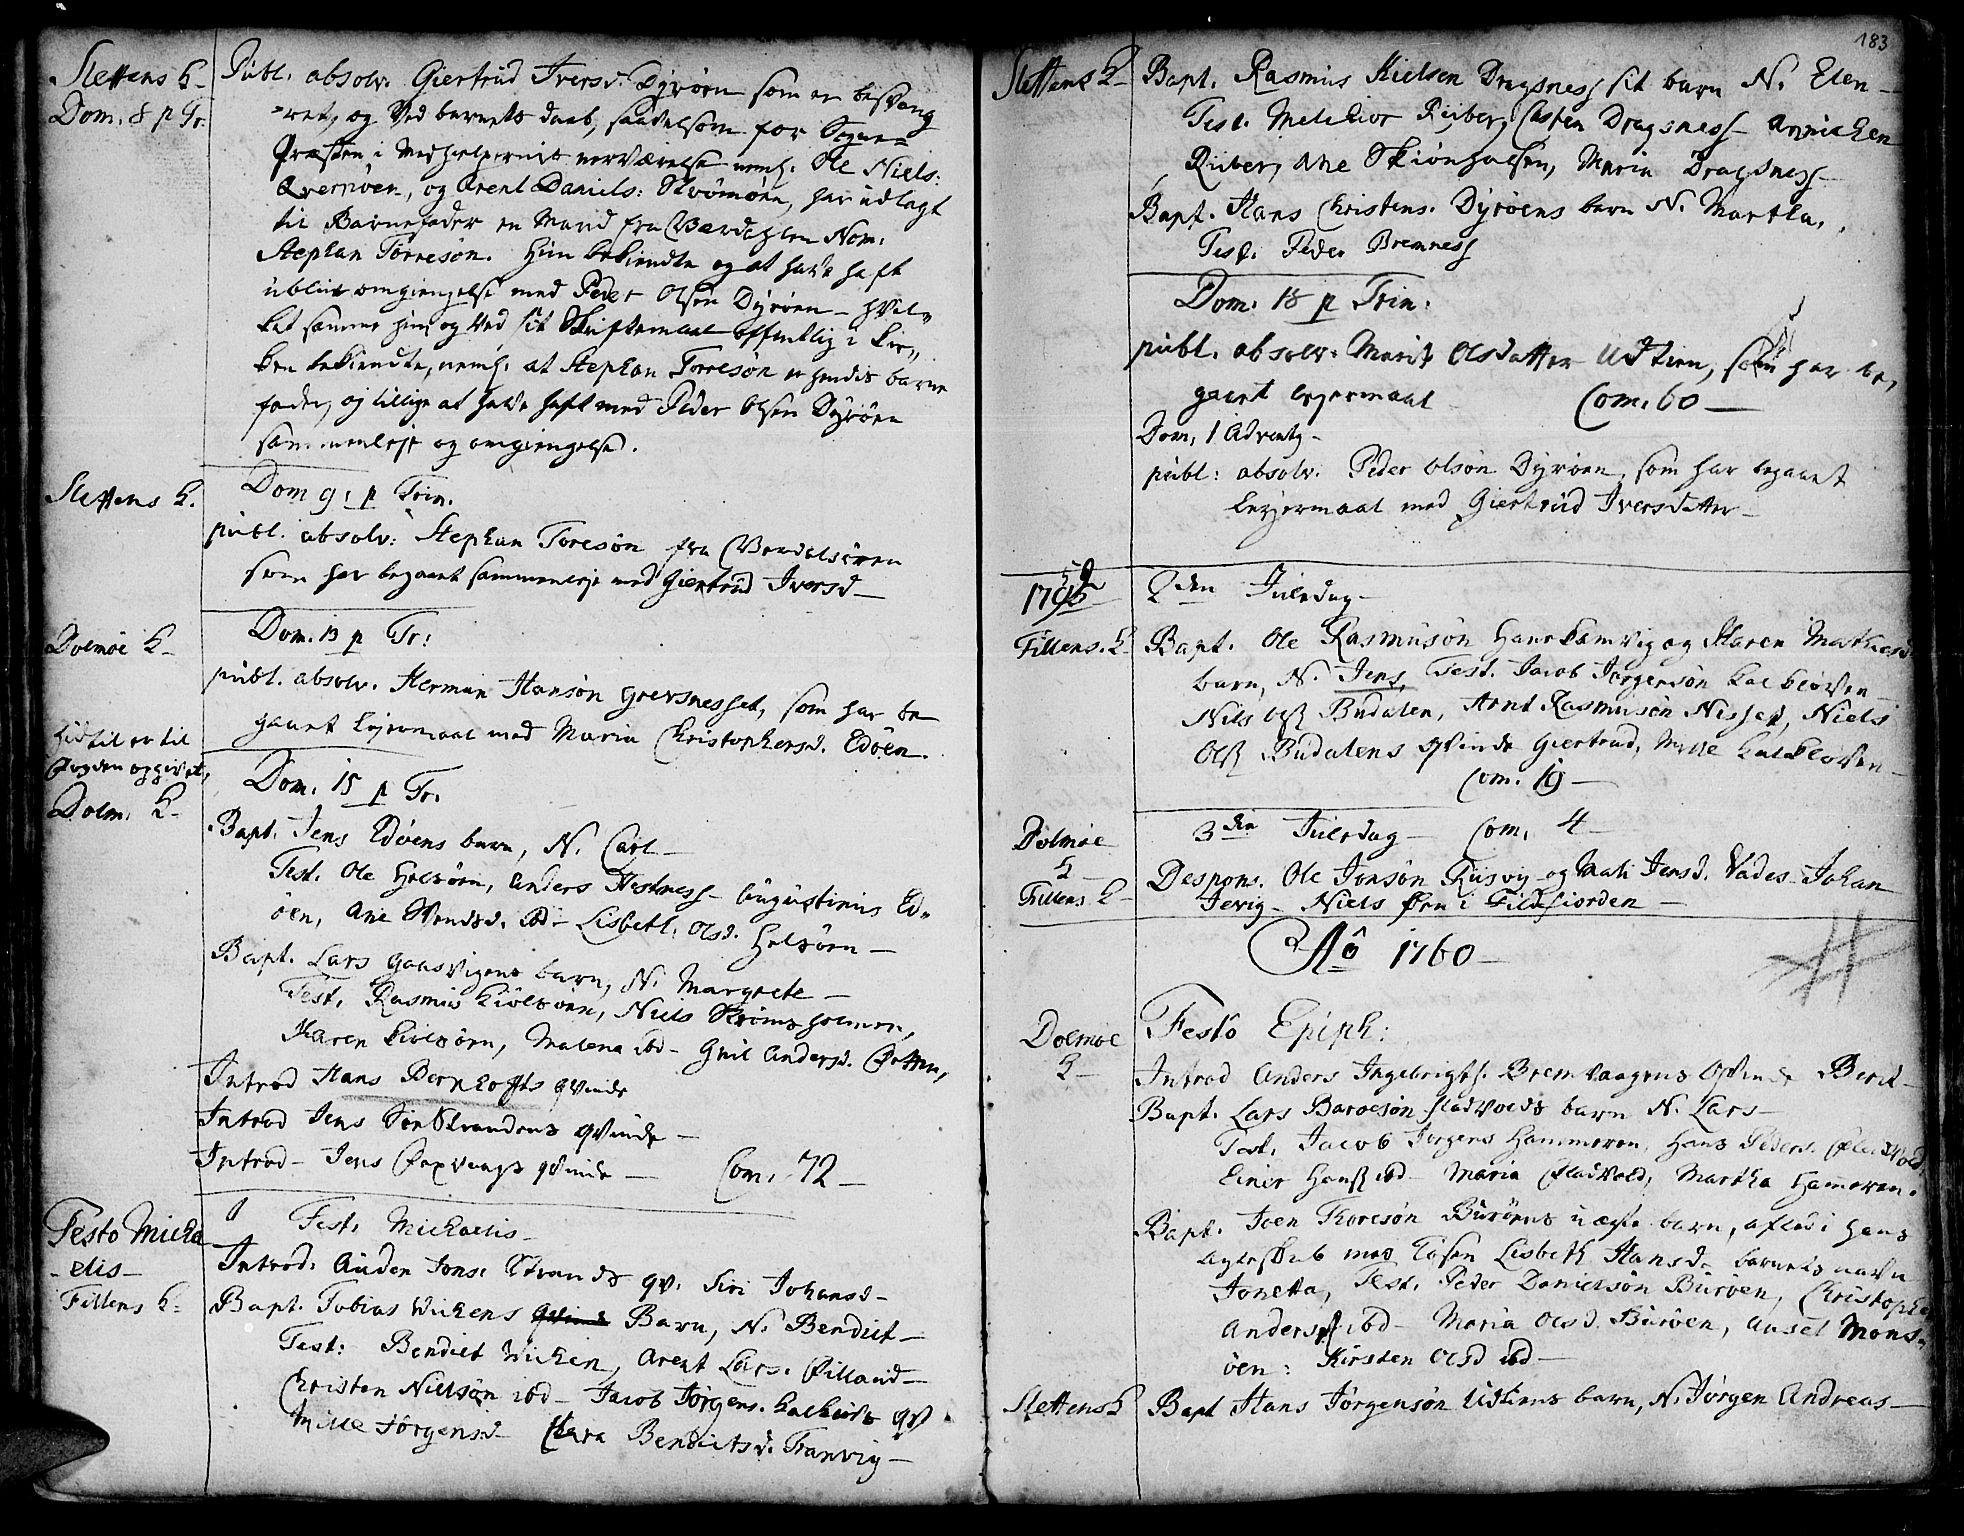 SAT, Ministerialprotokoller, klokkerbøker og fødselsregistre - Sør-Trøndelag, 634/L0525: Ministerialbok nr. 634A01, 1736-1775, s. 183